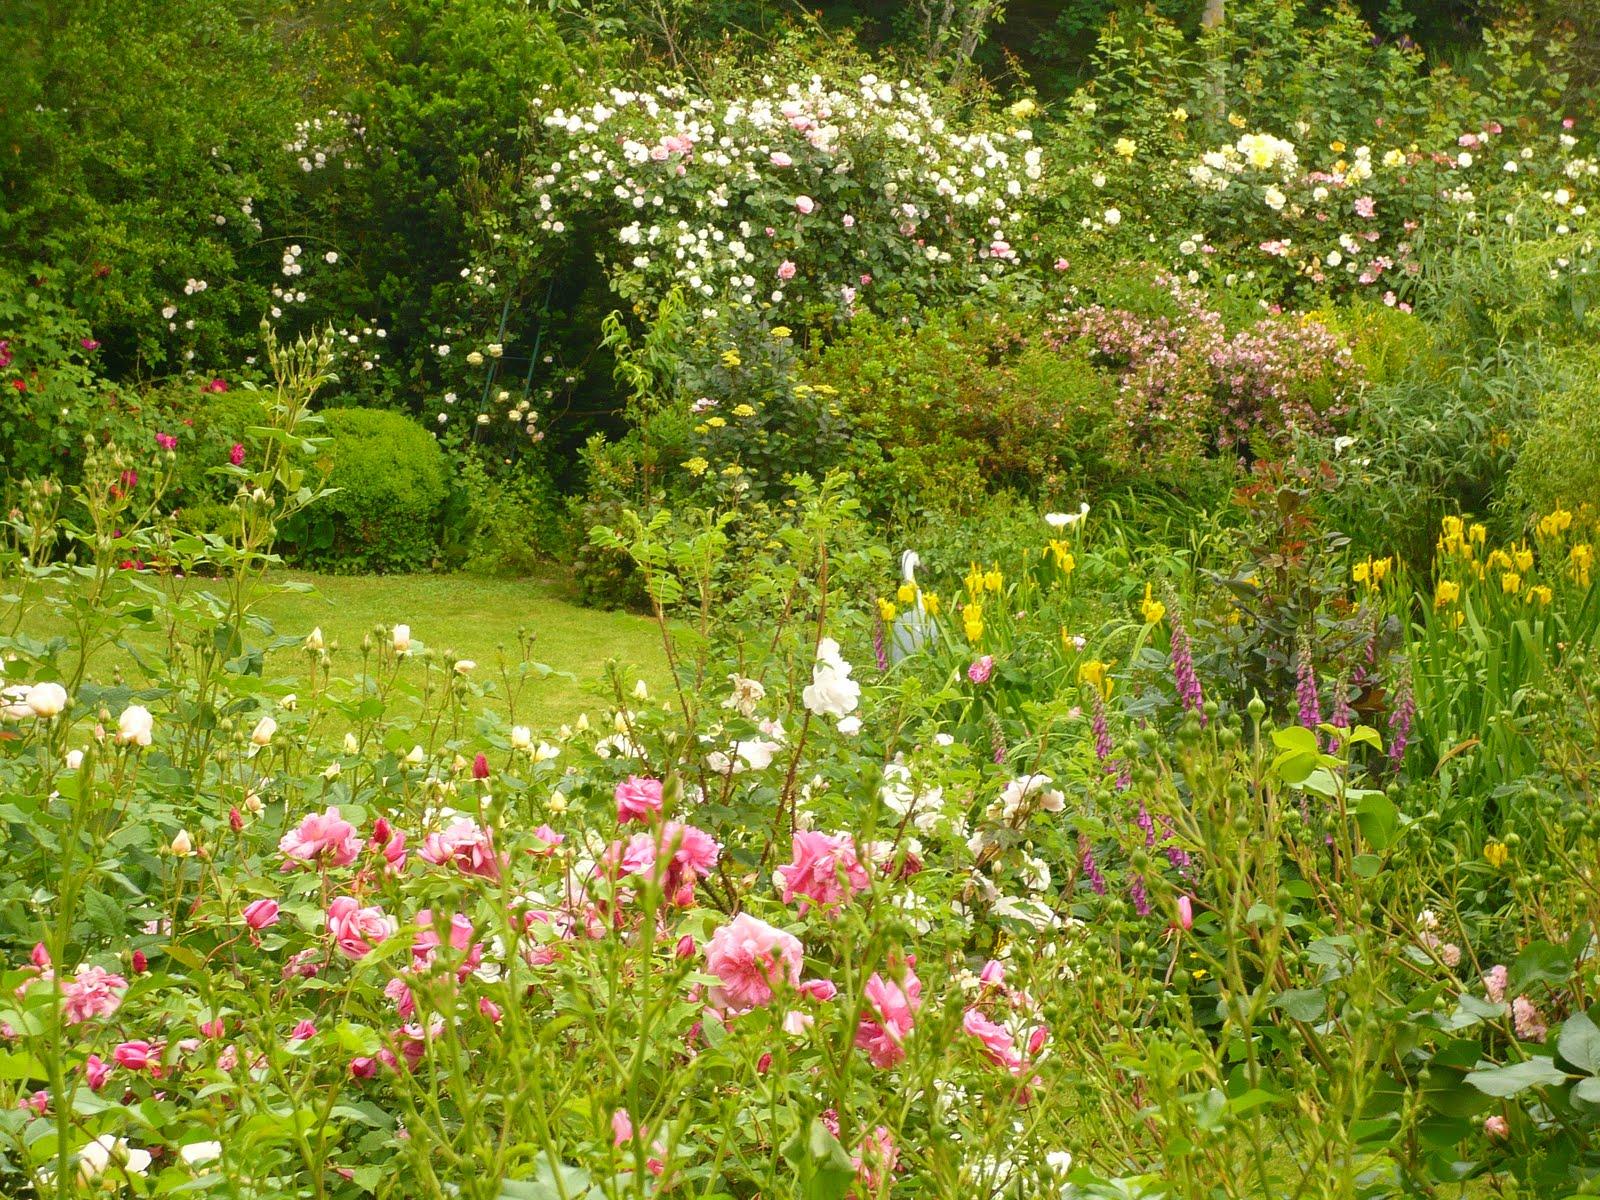 Mi jard n mi para so podar los rosales en clima lluvioso for Jardin los rosales